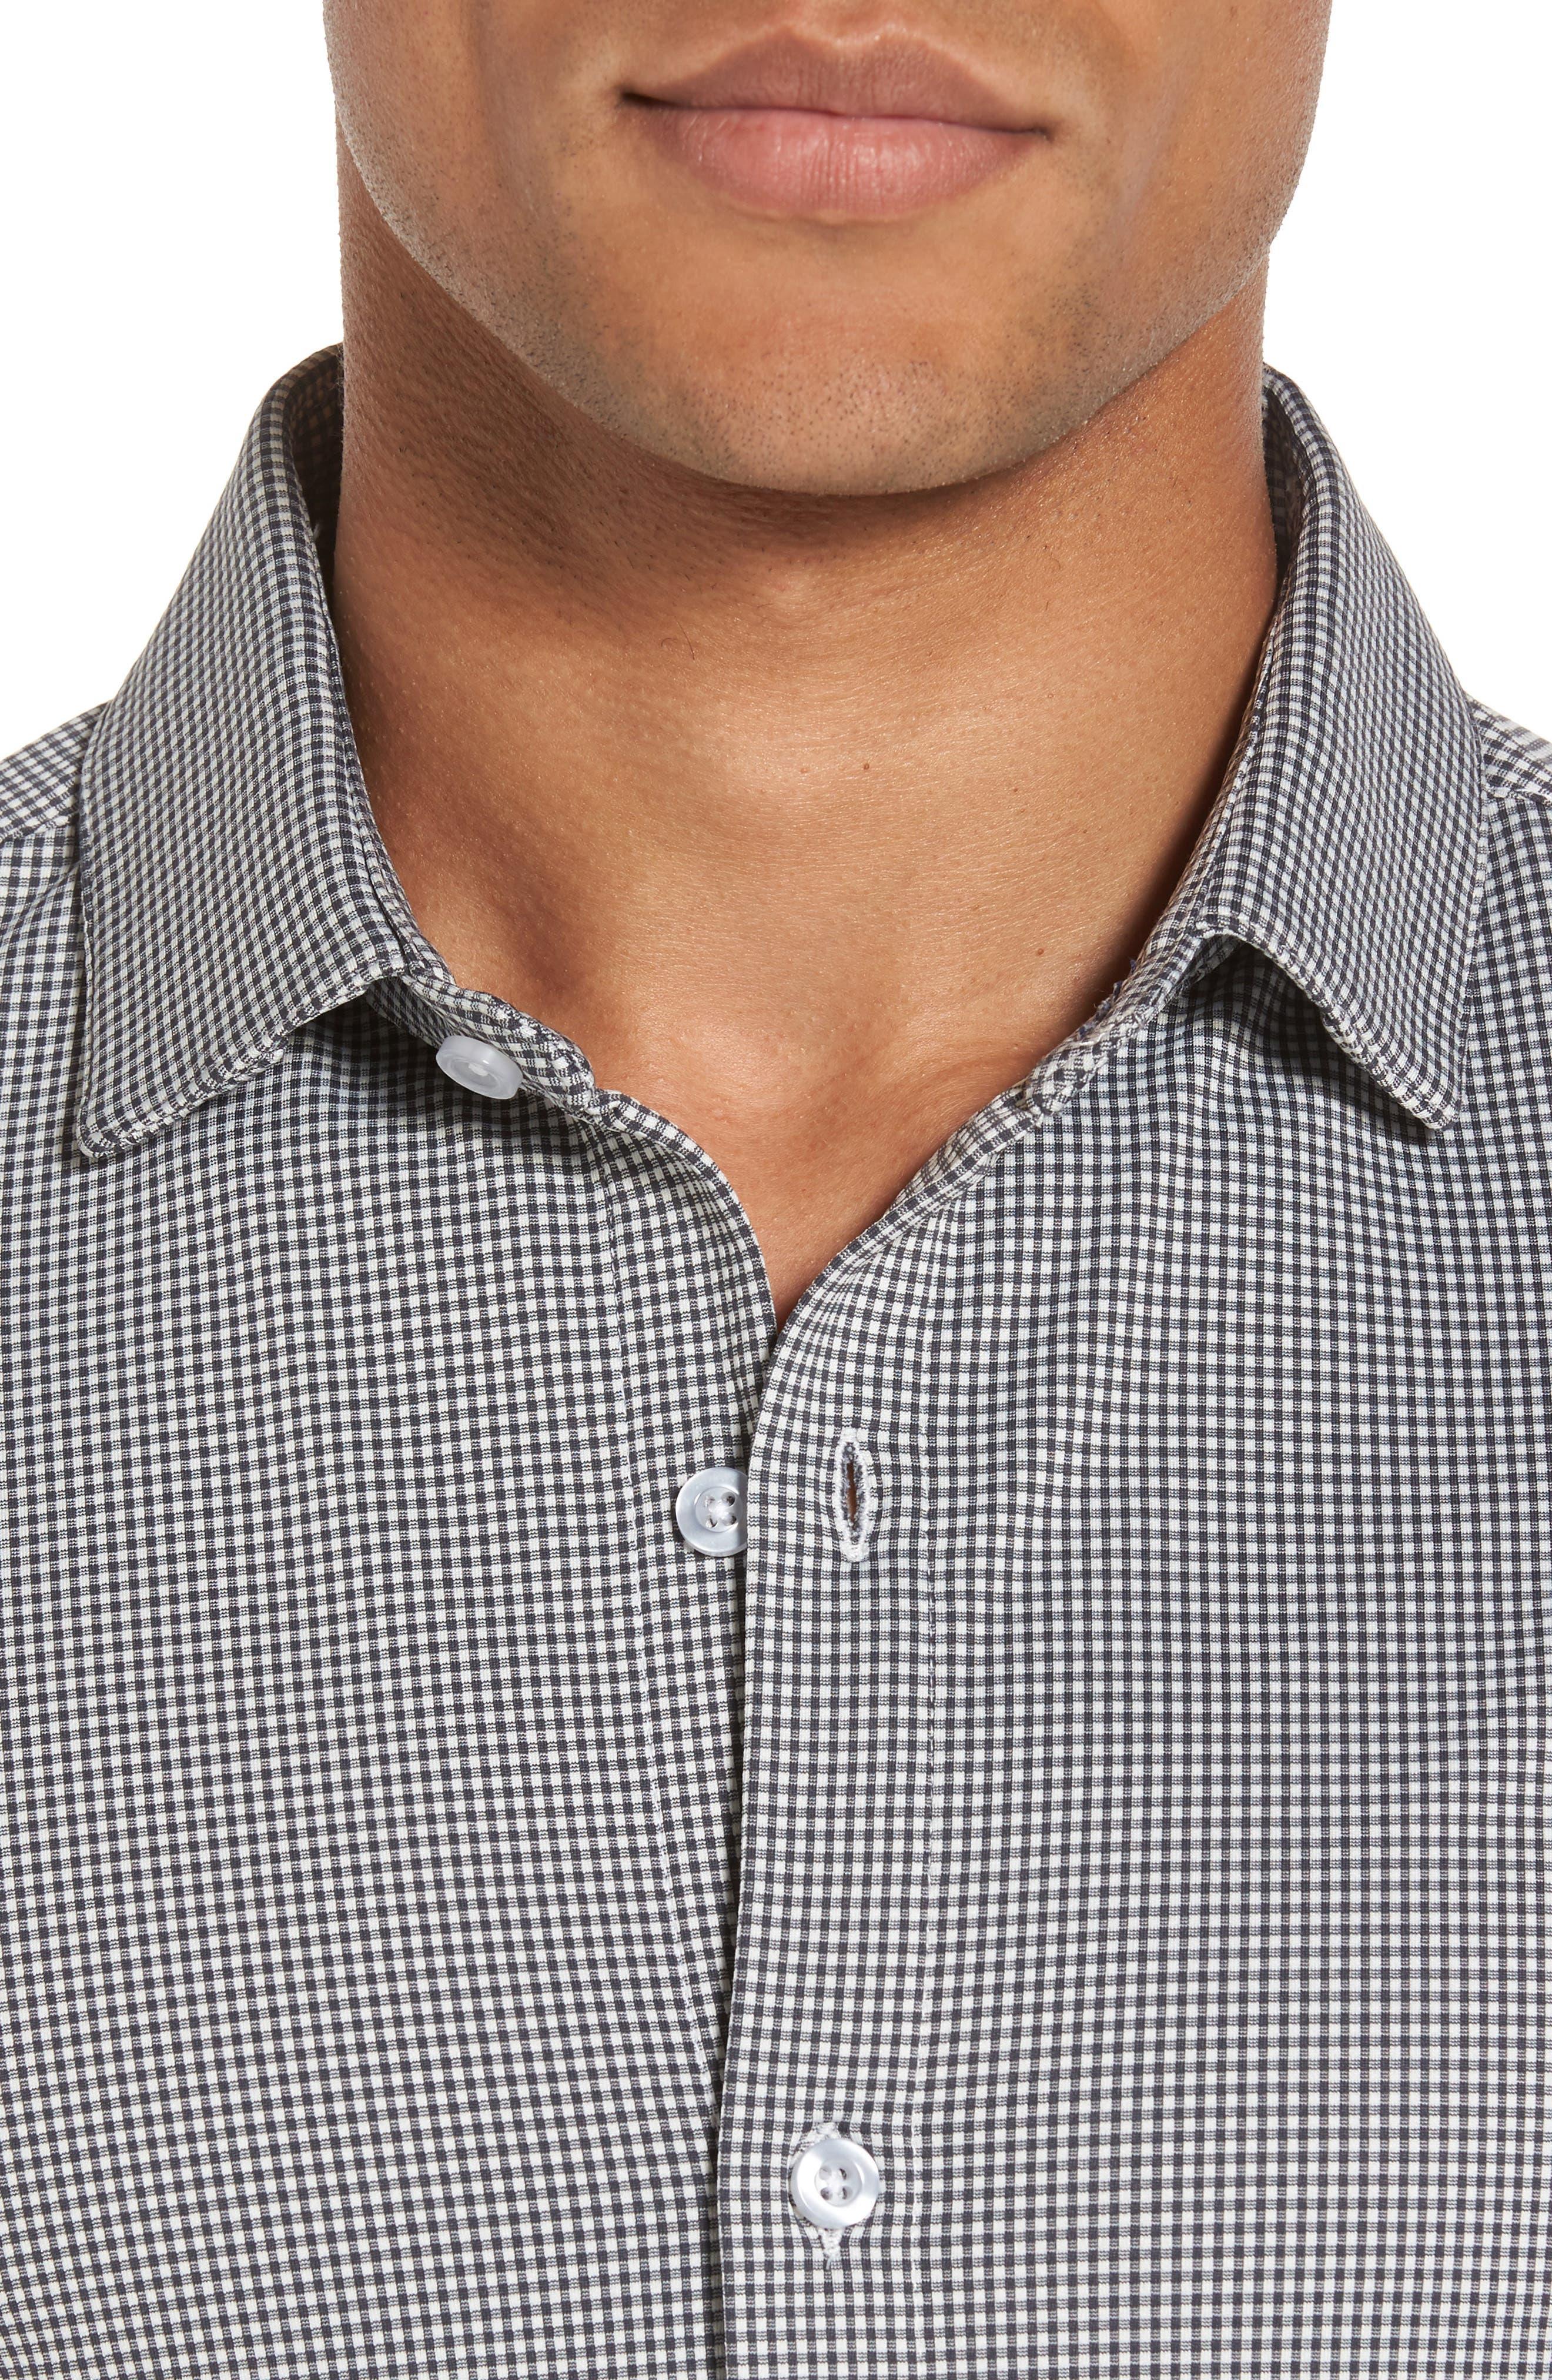 Davenport Gingham Sport Shirt,                             Alternate thumbnail 8, color,